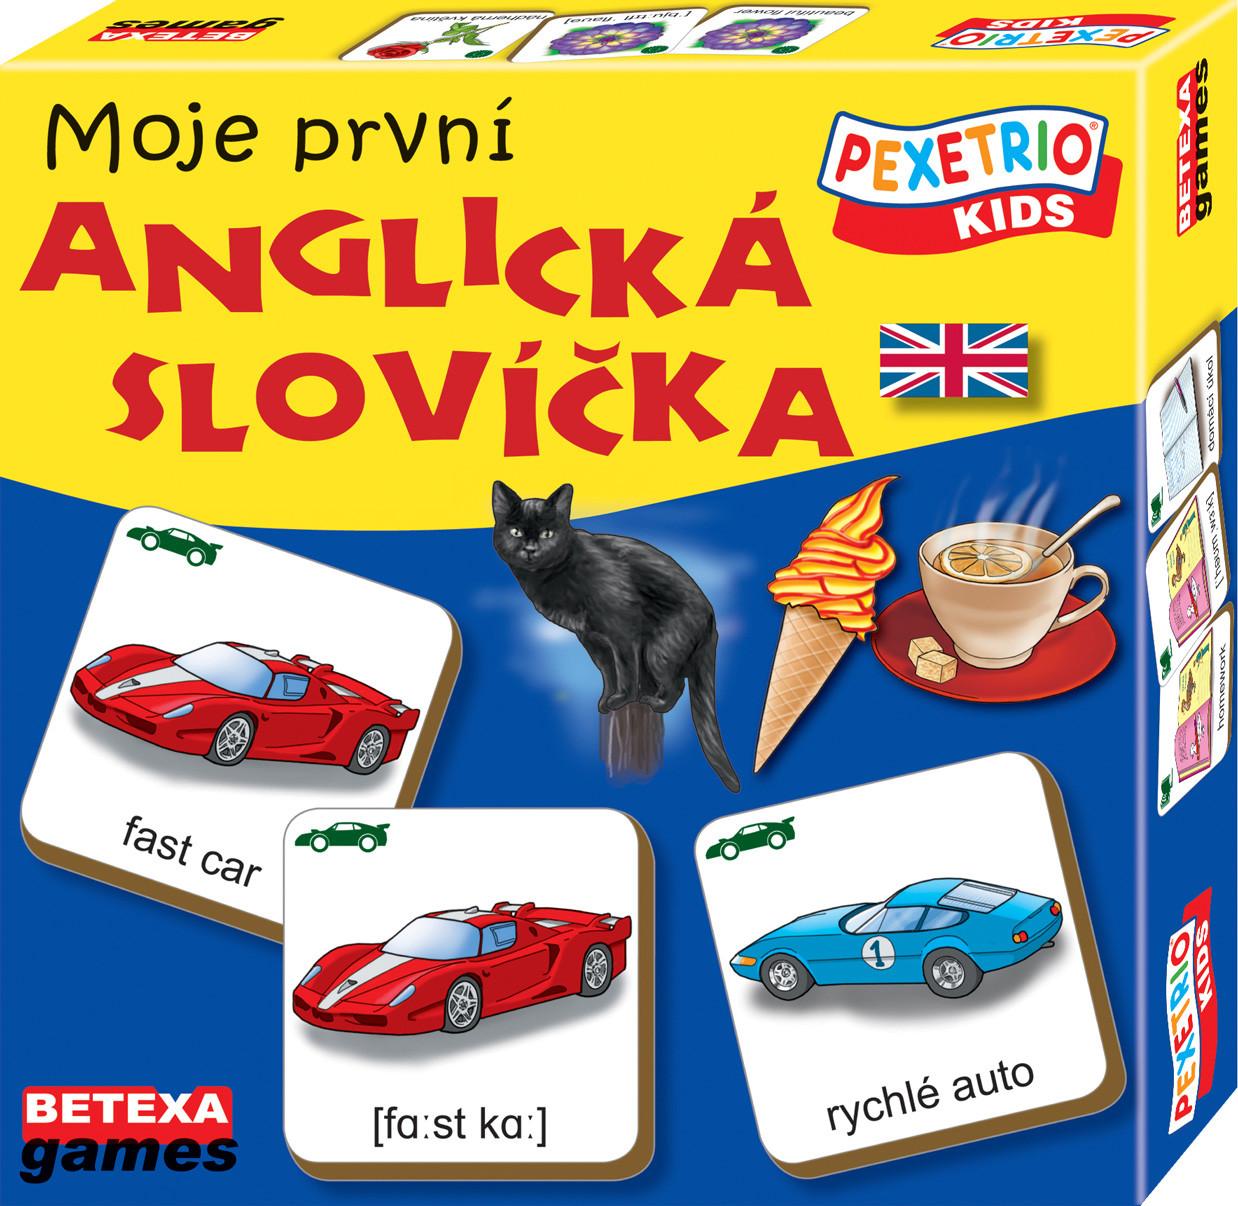 e4bc92095 Pexetrio kids - Moje první anglická slovíčka | Agátin svět